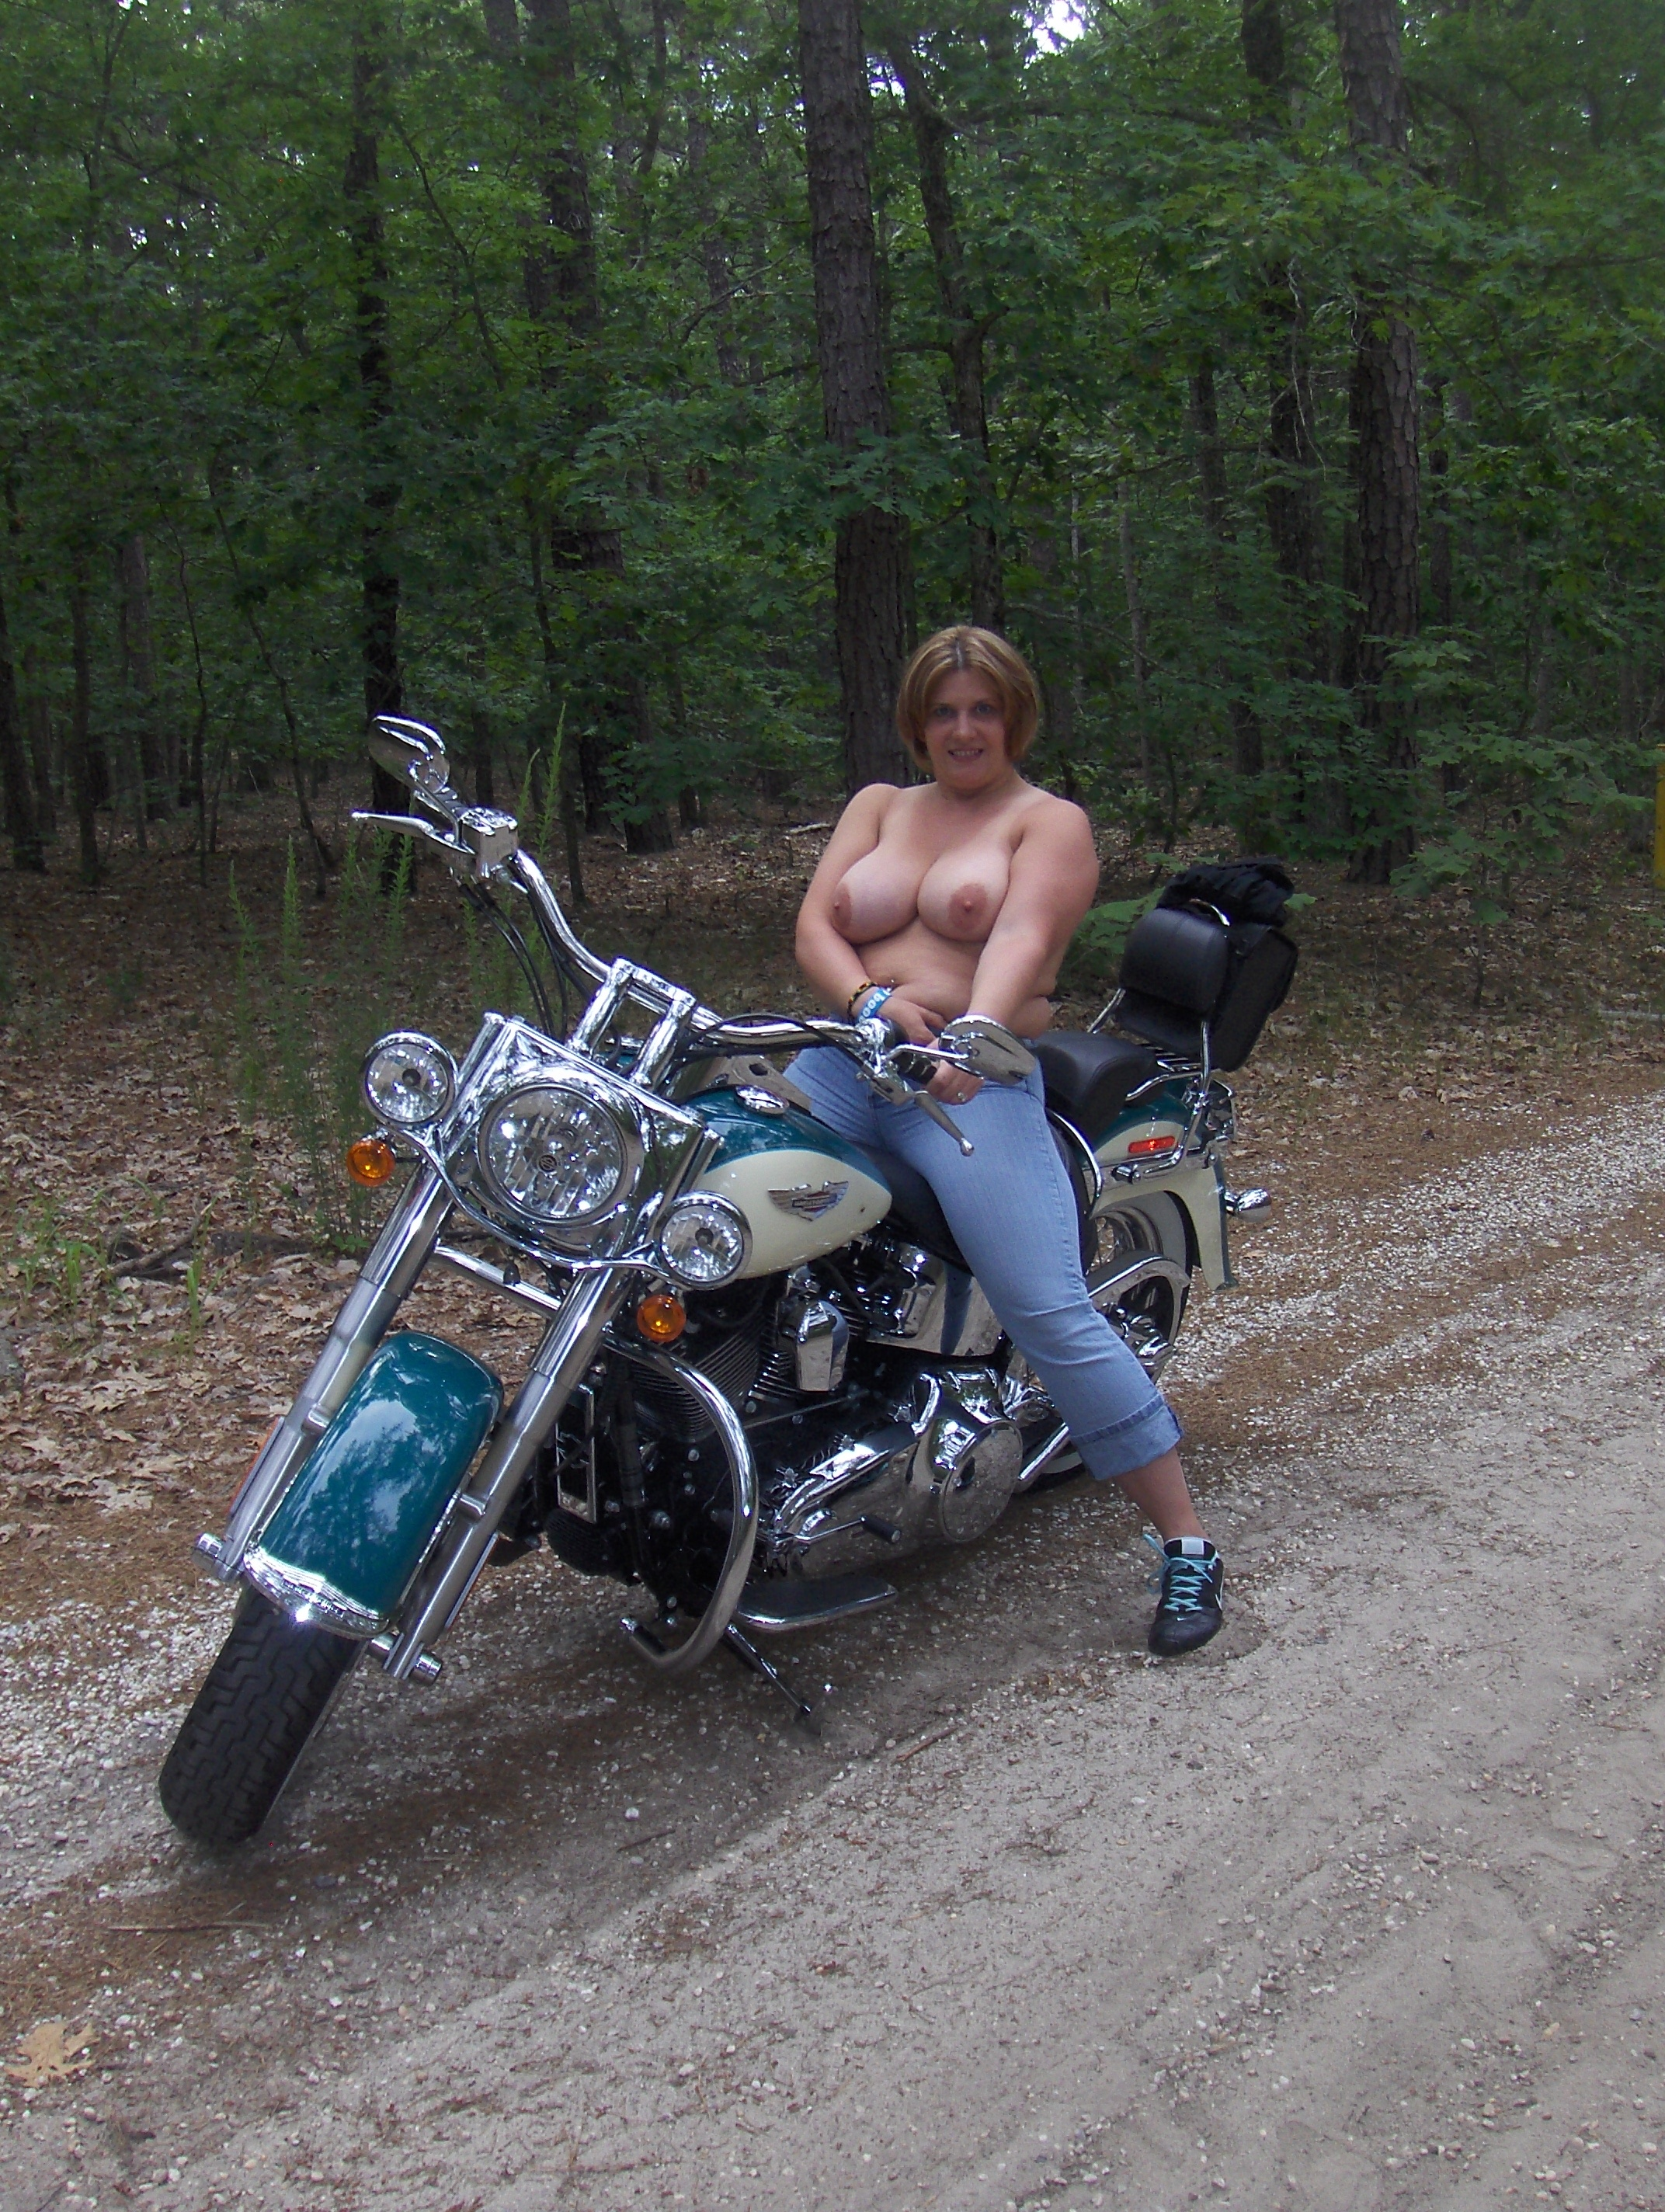 amateur-motorcycle-porn